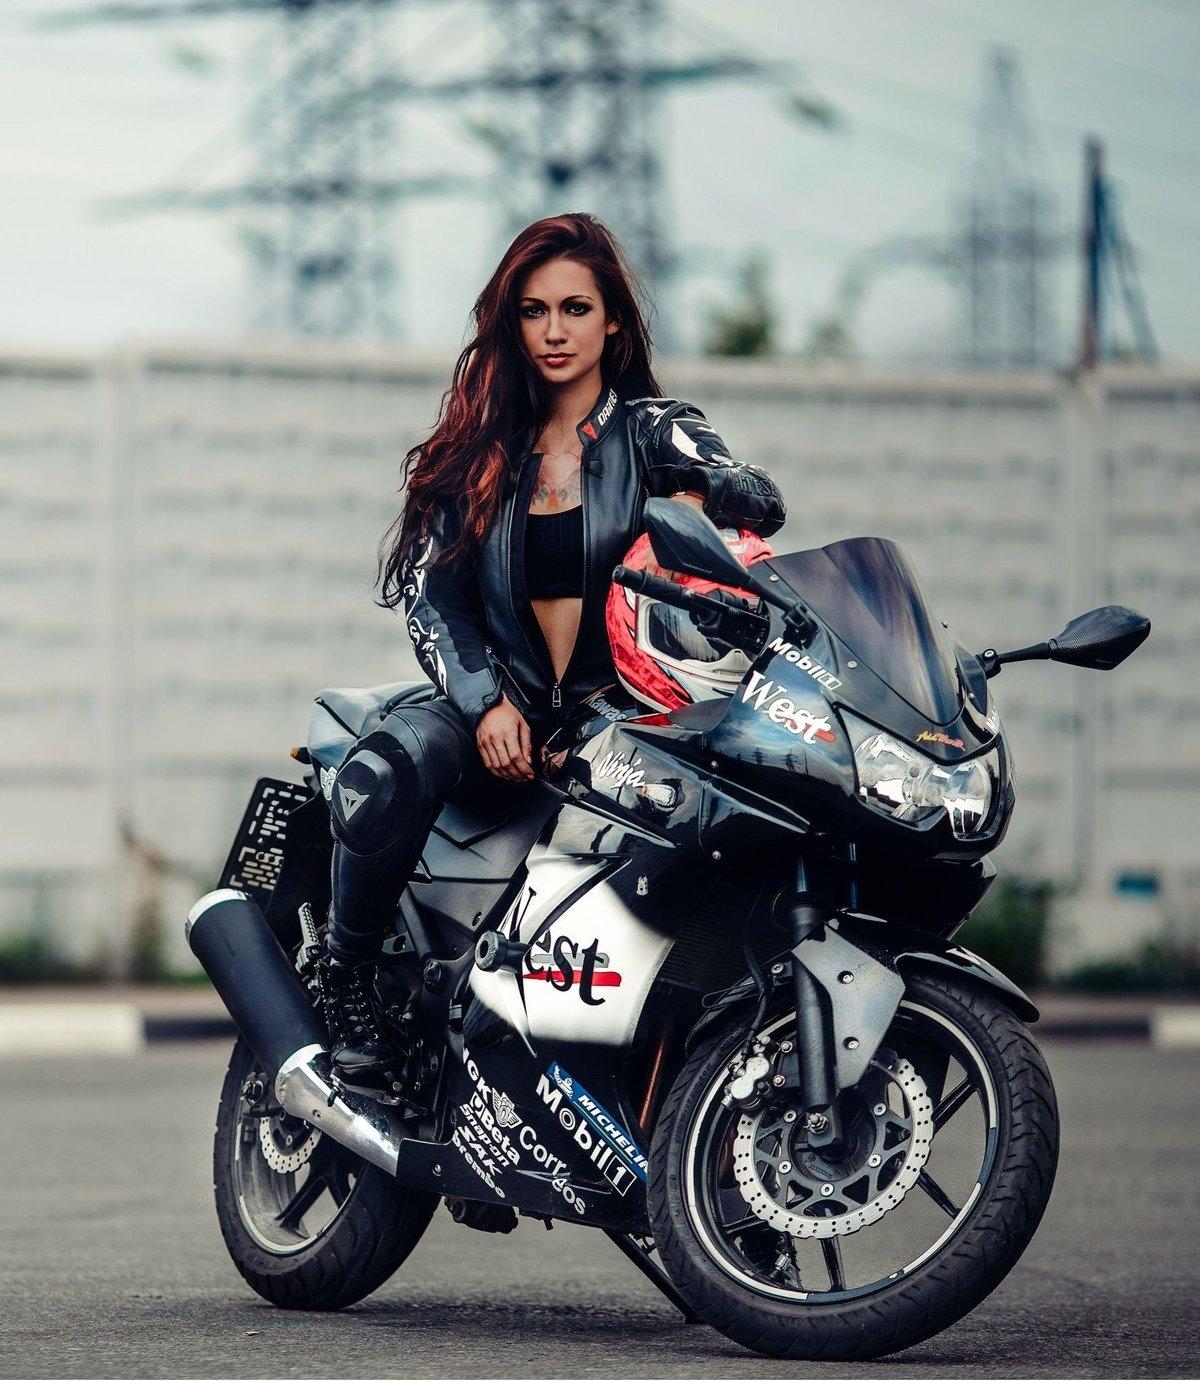 спортивная, профессиональные фото на мотоцикле практически могут